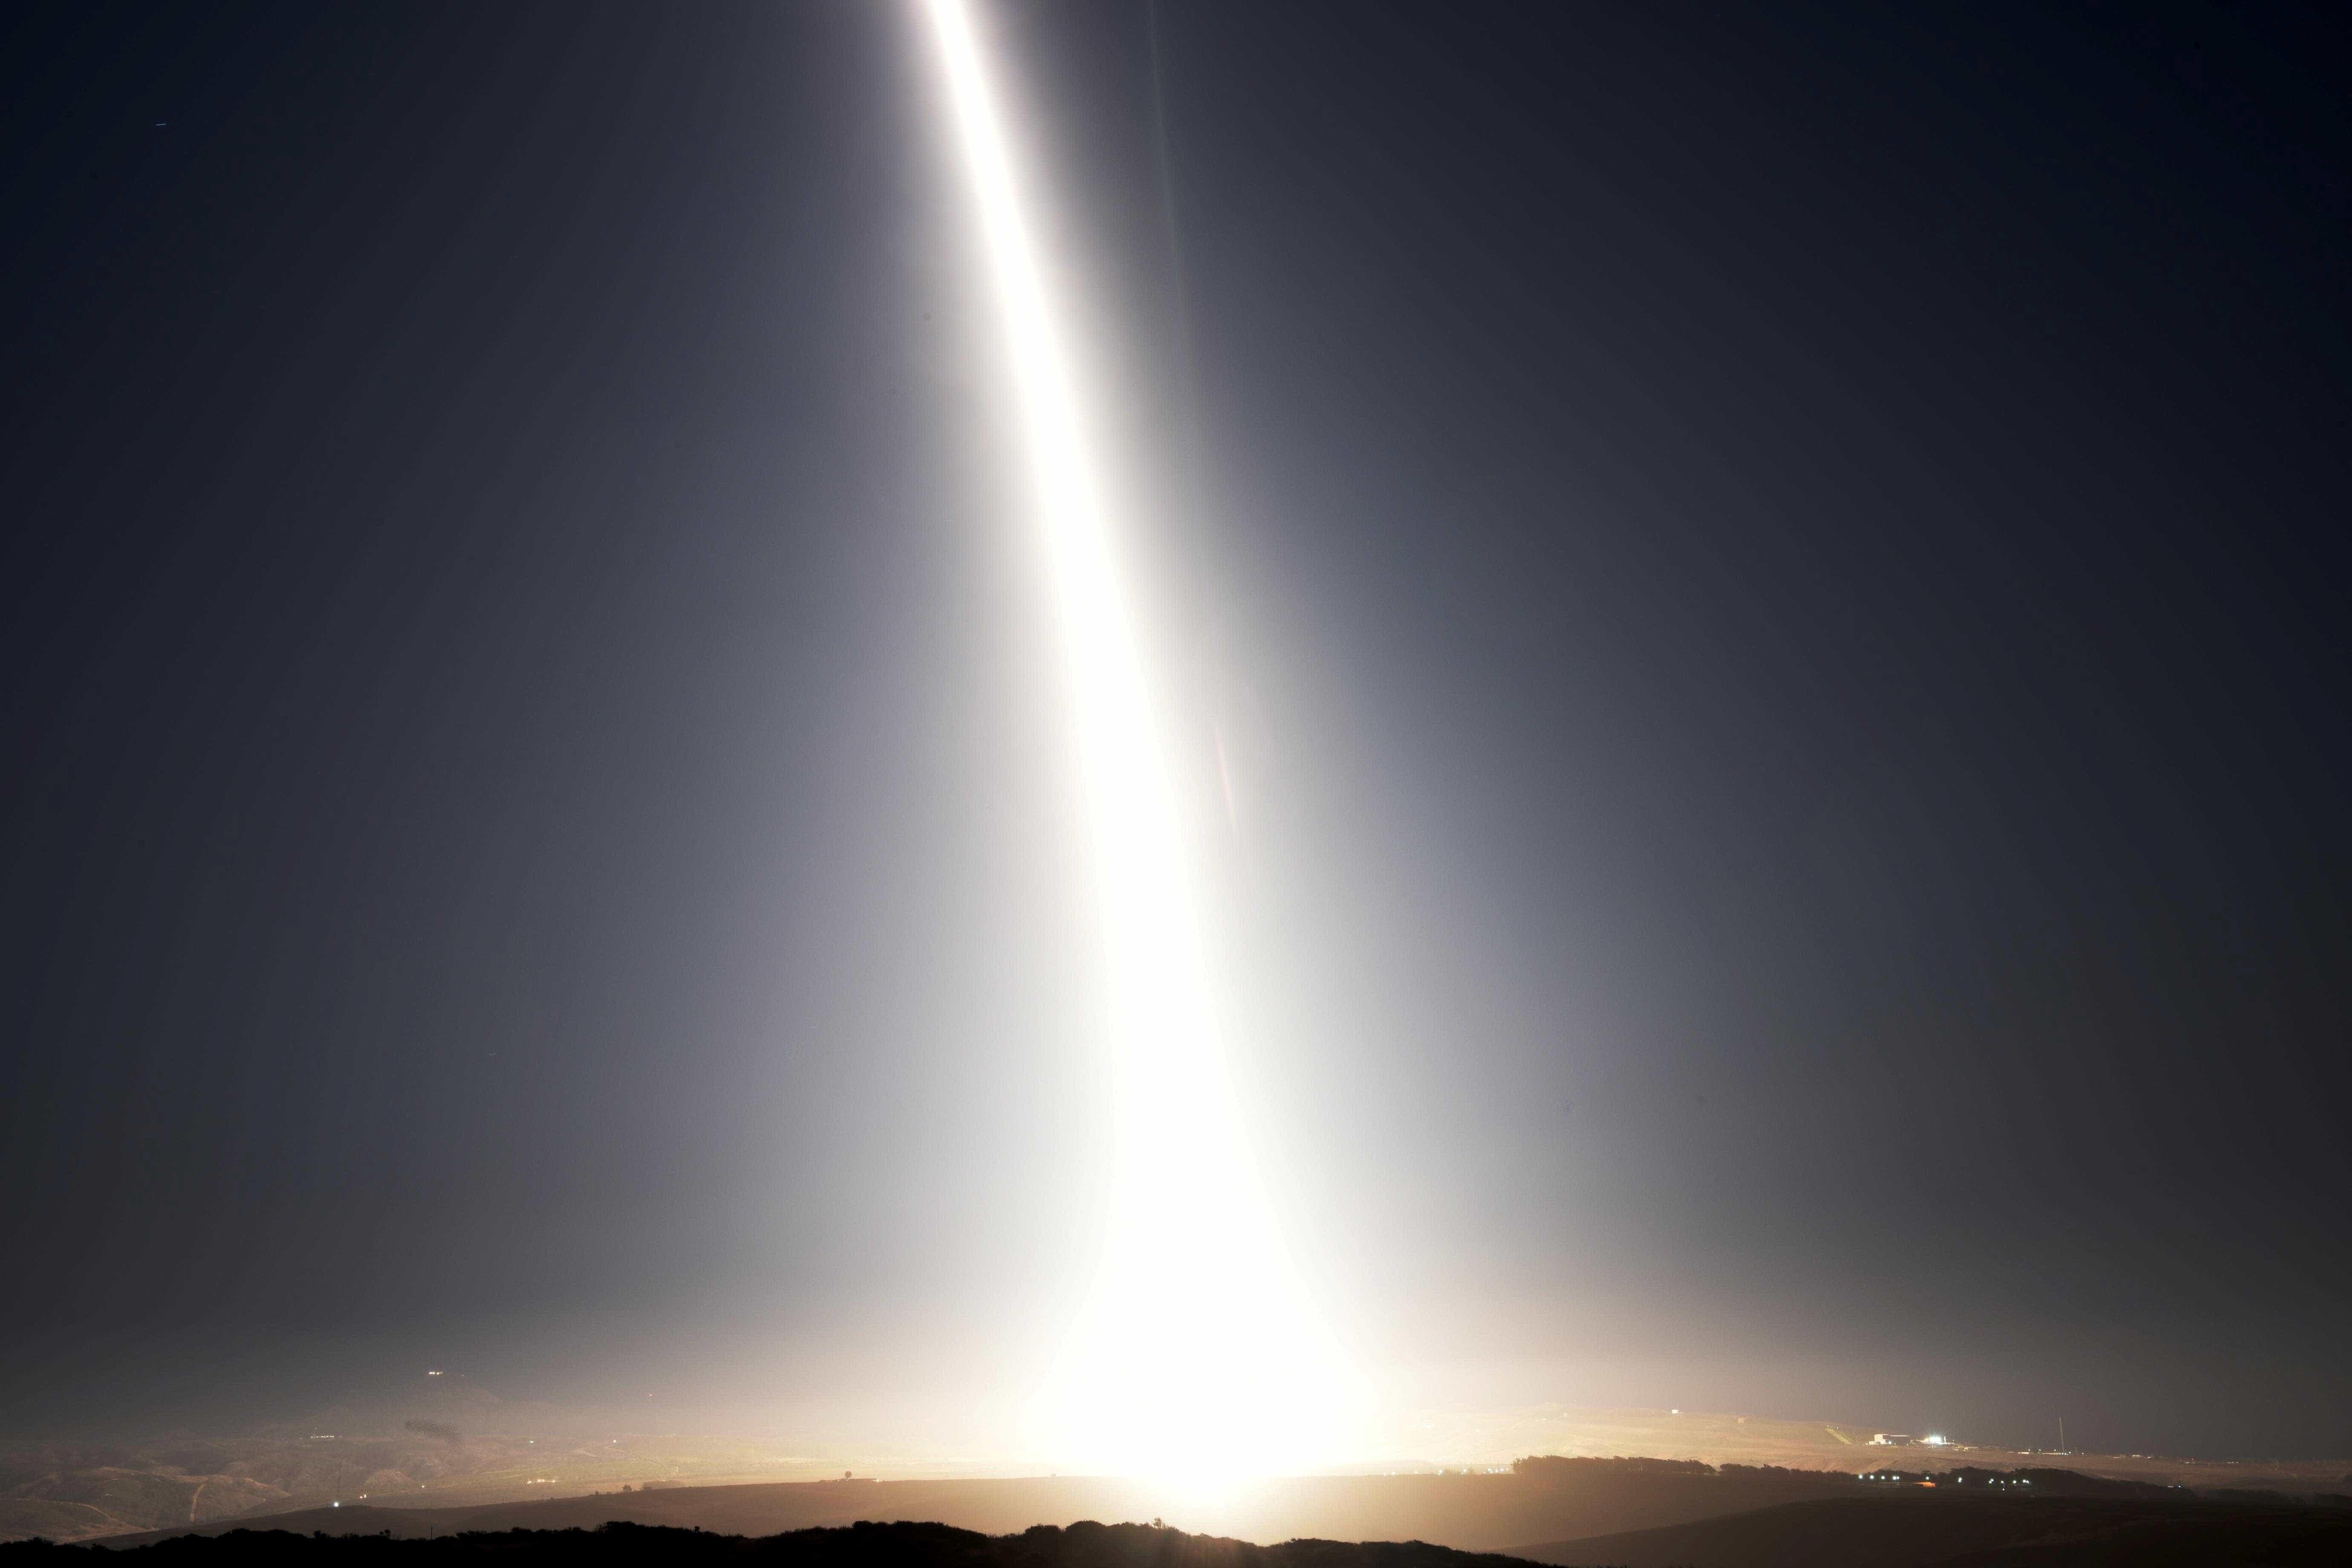 EUA lançam satélite que detectará mísseis para o exército